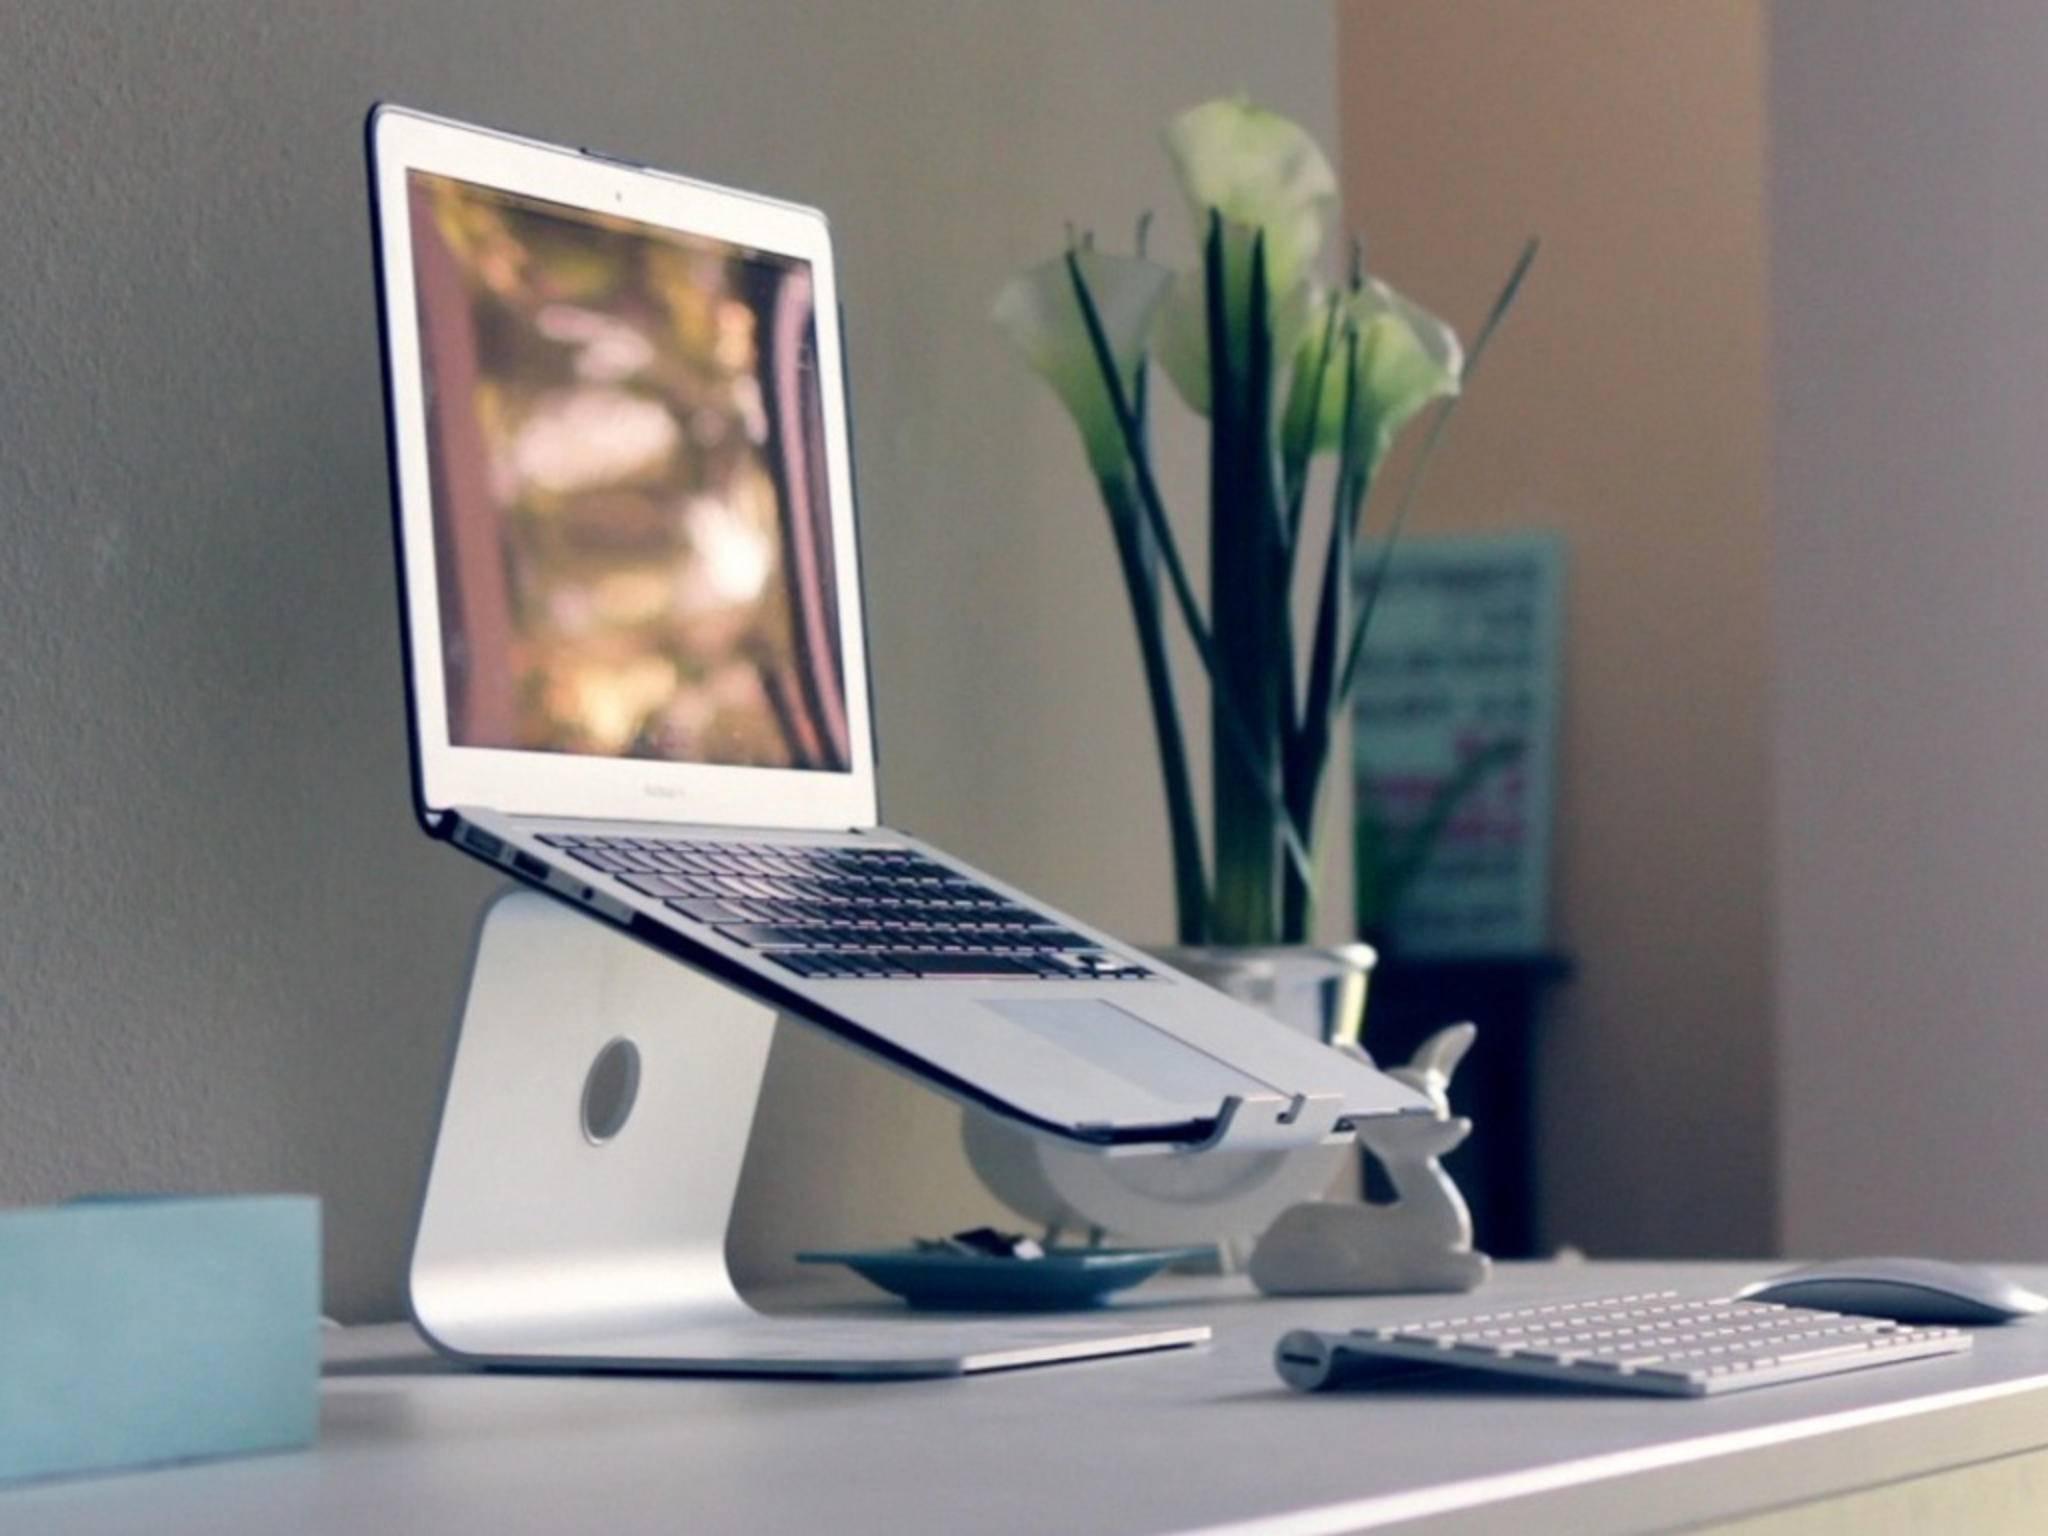 Mit einer Brennstoffzelle könnte das MacBook viel länger durchhalten.